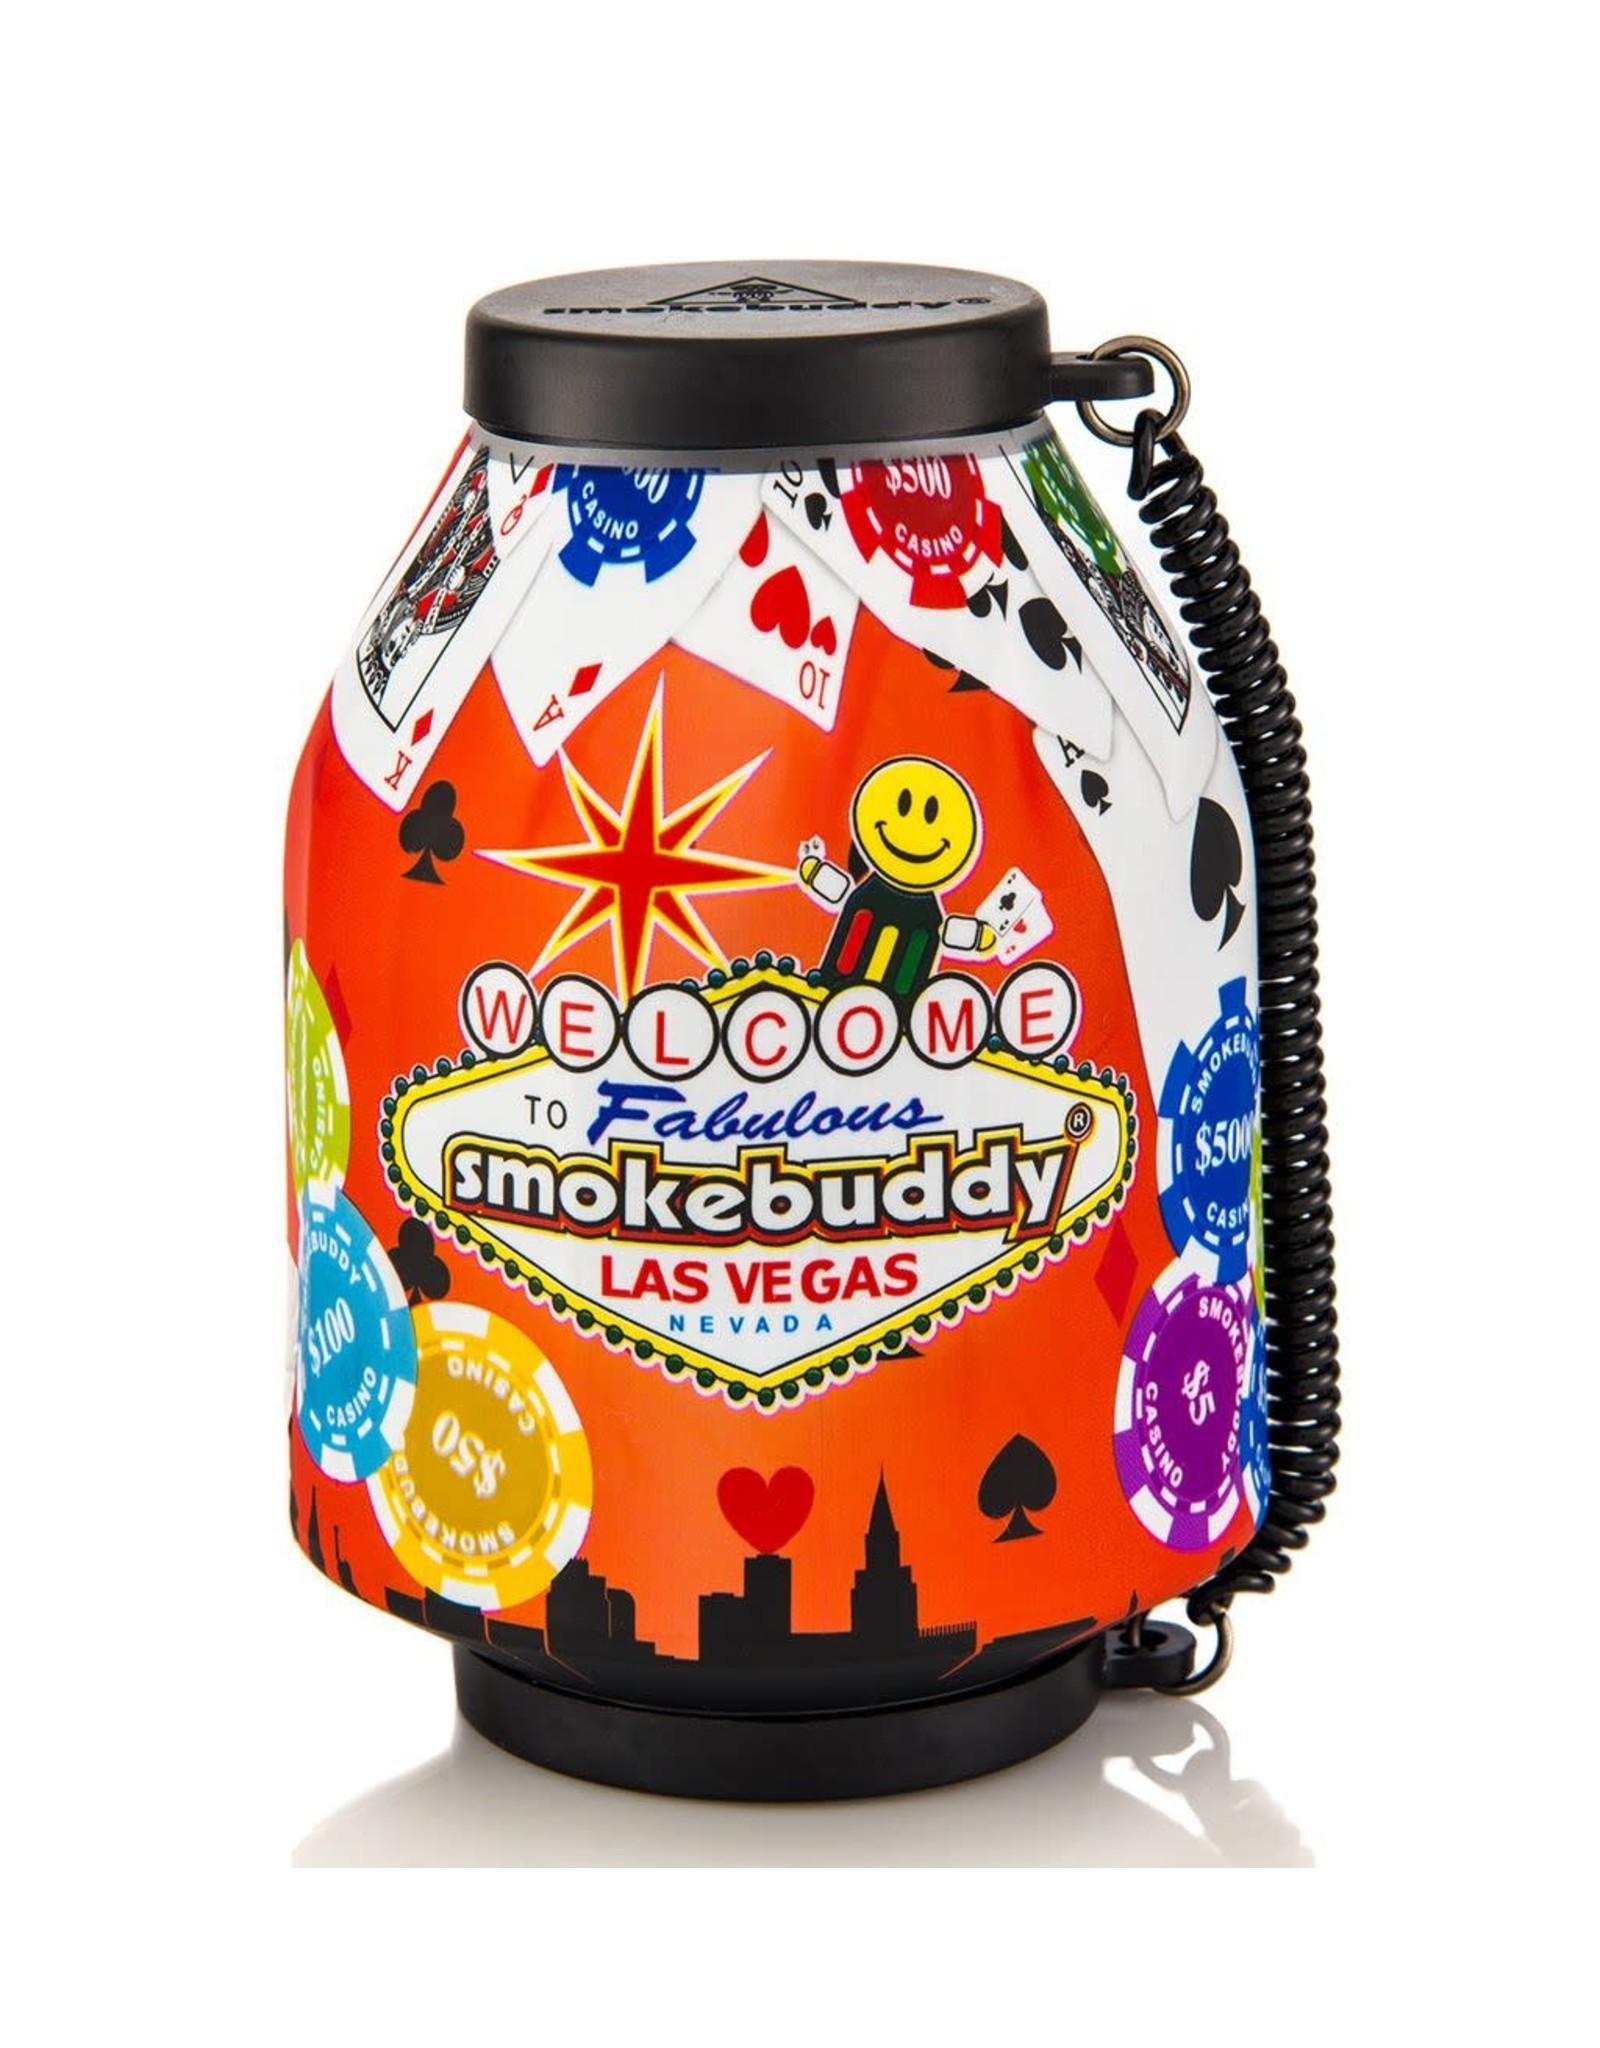 smoke buddy Las Vegas Smokebuddy Original Personal Air Filter